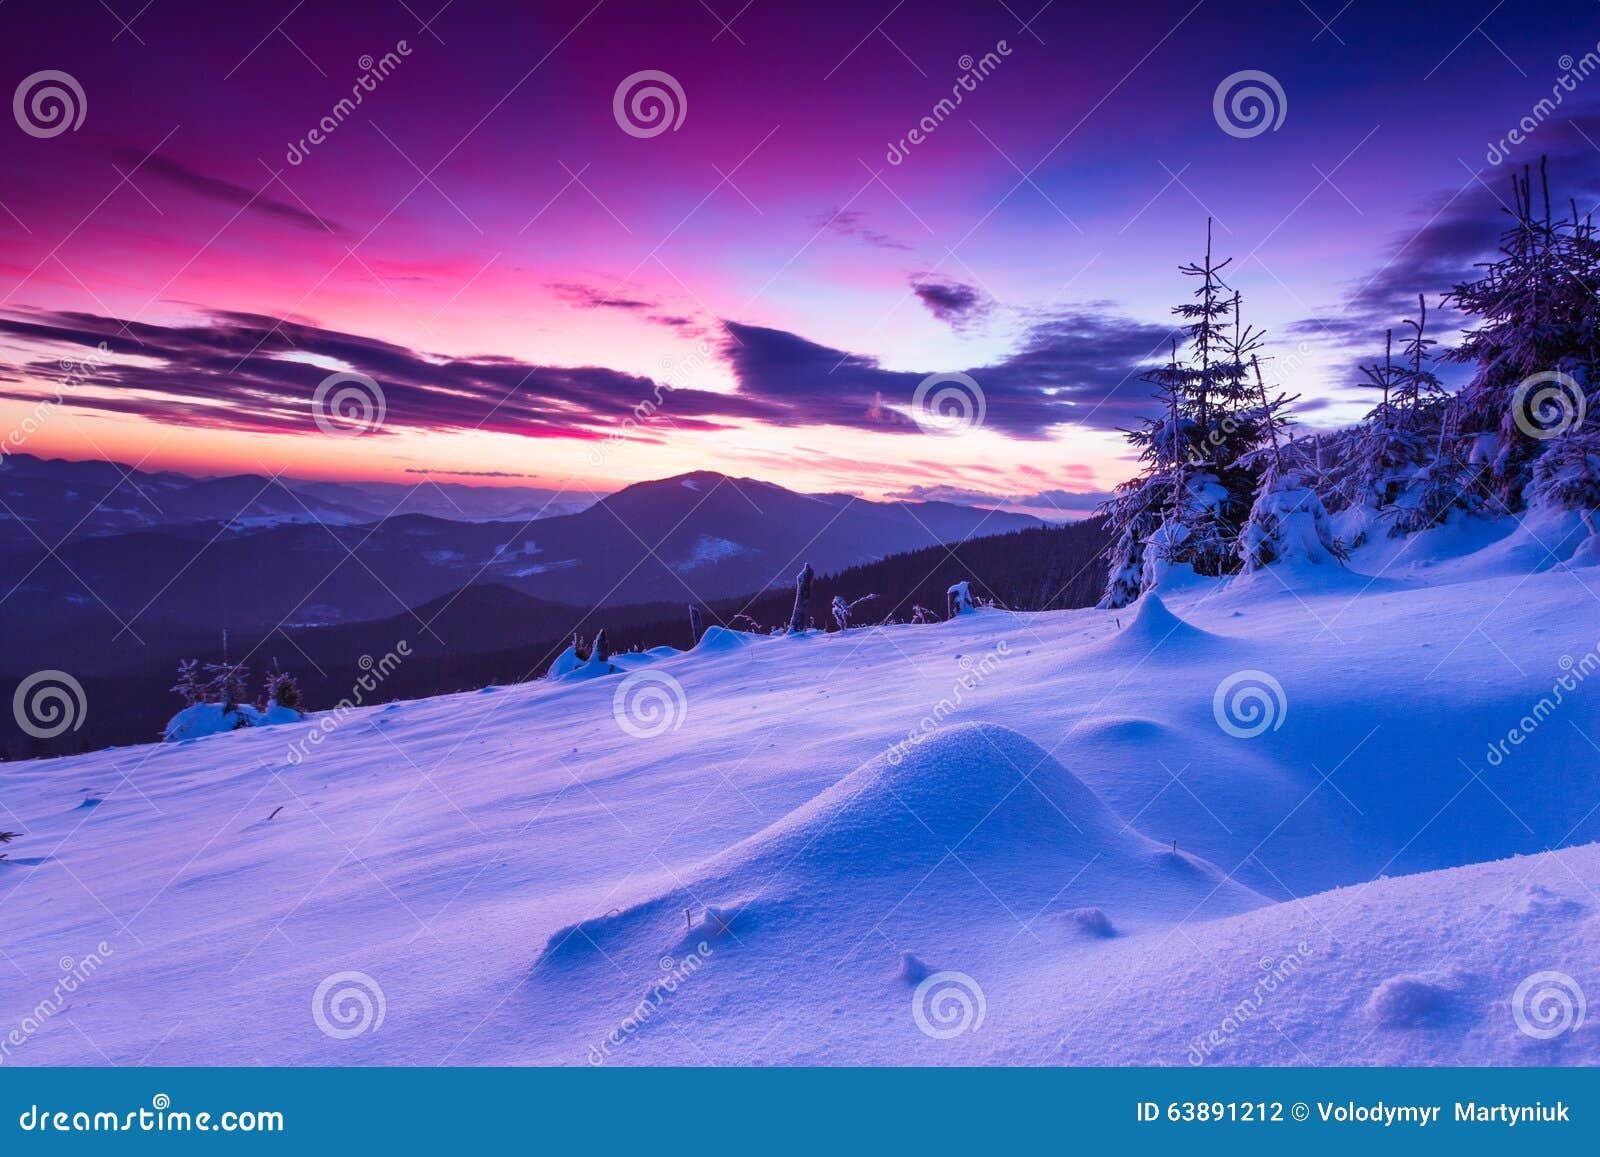 Kolorowy zima ranek w górach overcast dramatyczny niebo Widok śnieżyści conifer drzewa przy wschodem słońca Wesoło Christmas